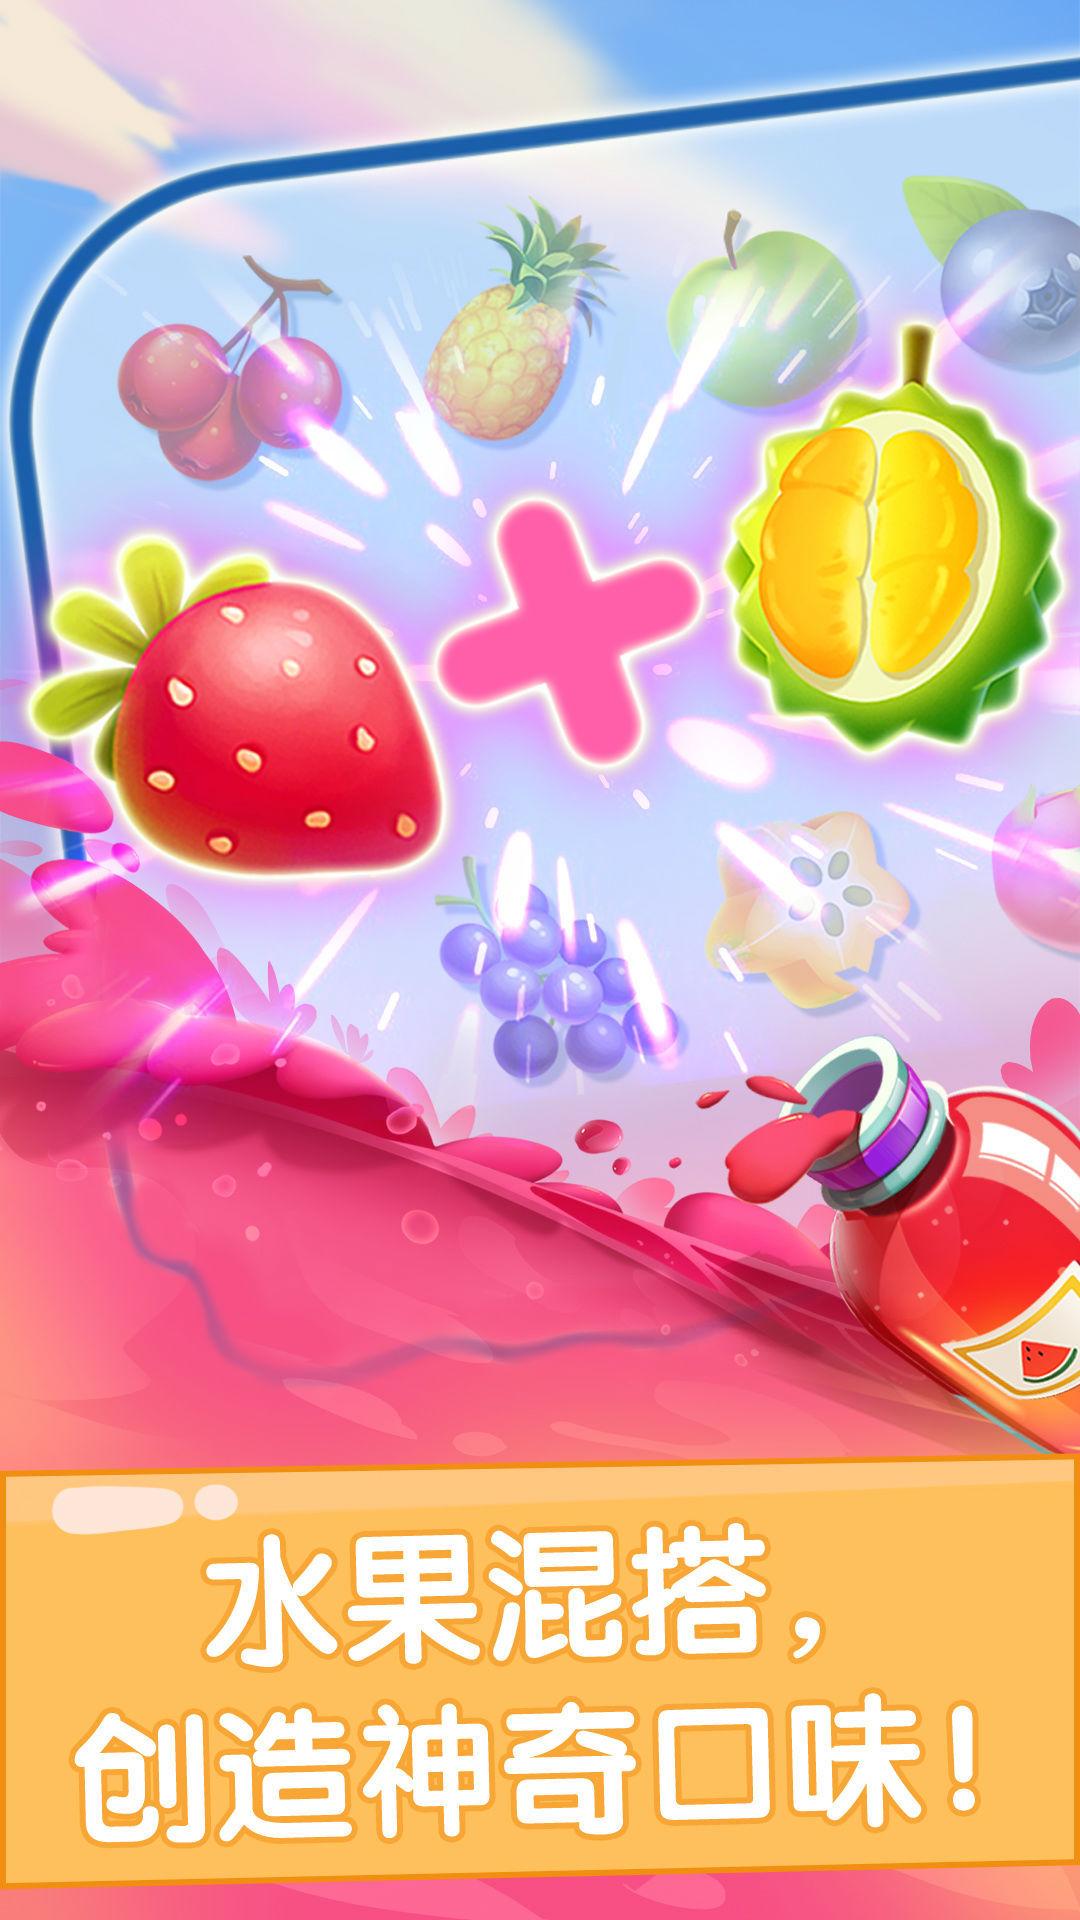 宝宝果汁商店安卓版高清截图